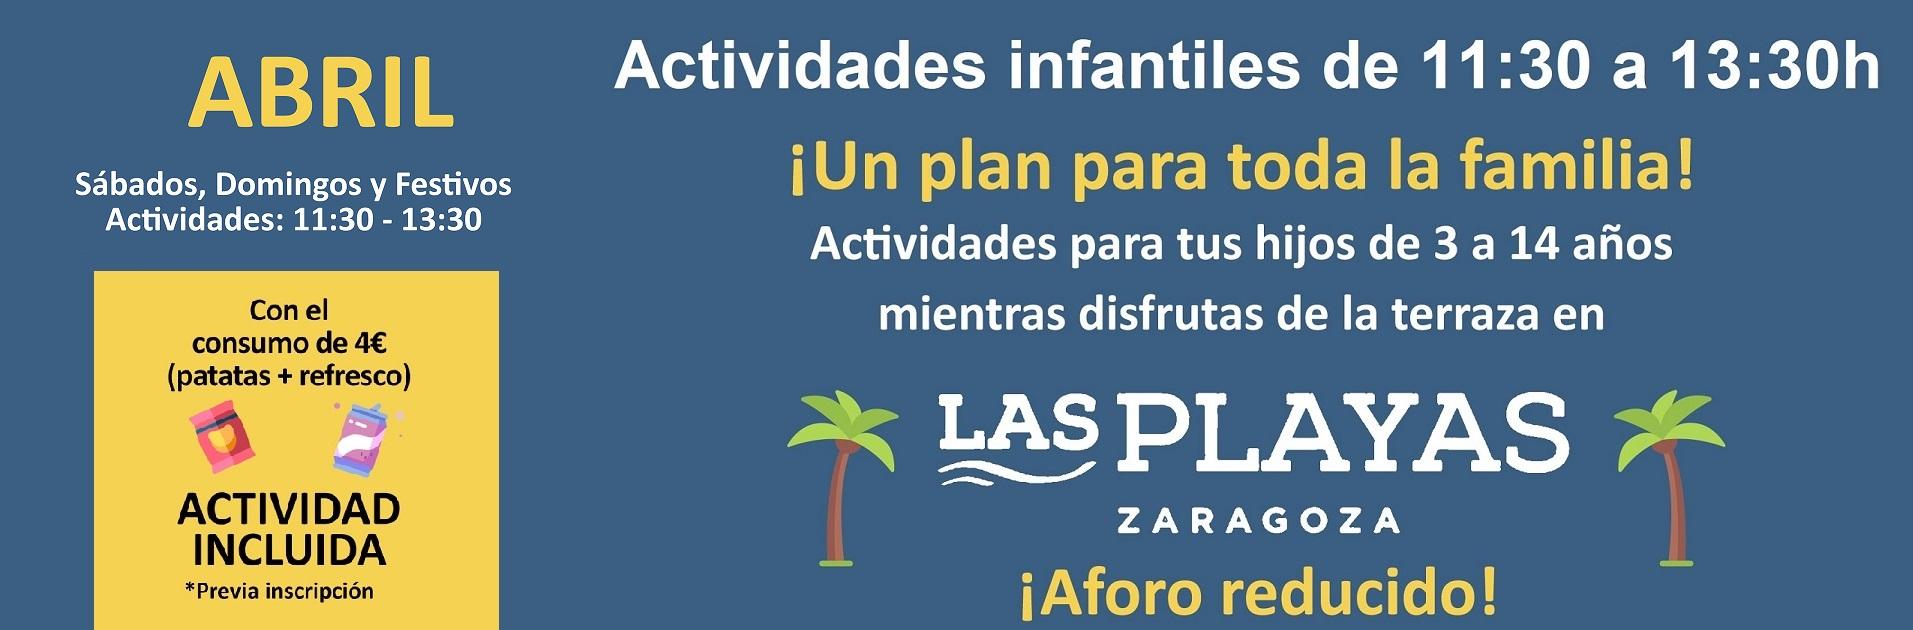 Actividades Las Playas Zaragoza